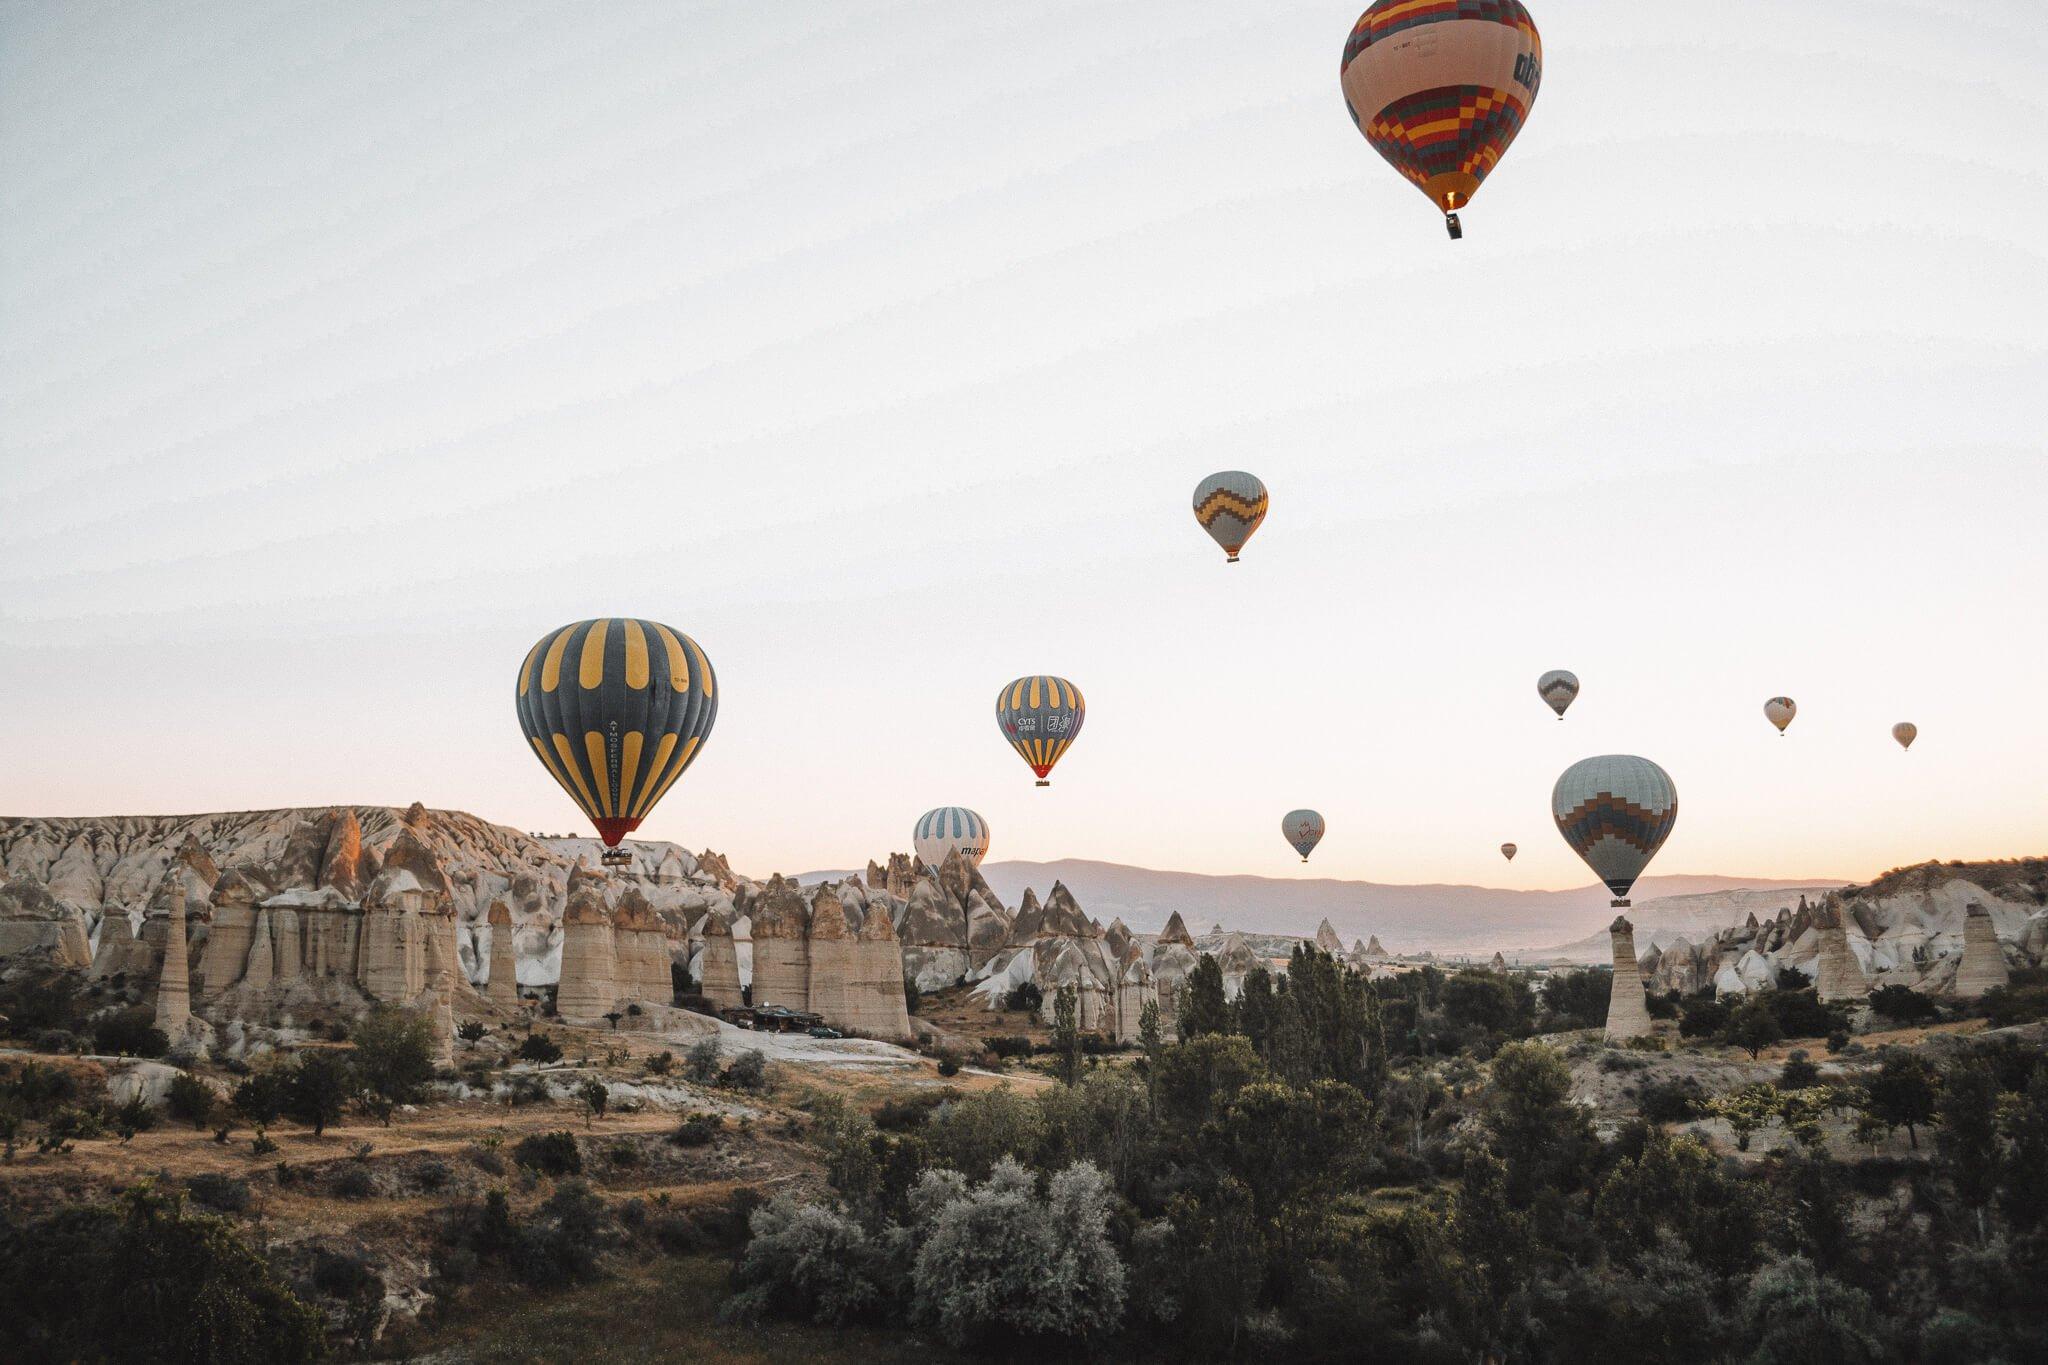 Mooiste plekken in Turkije